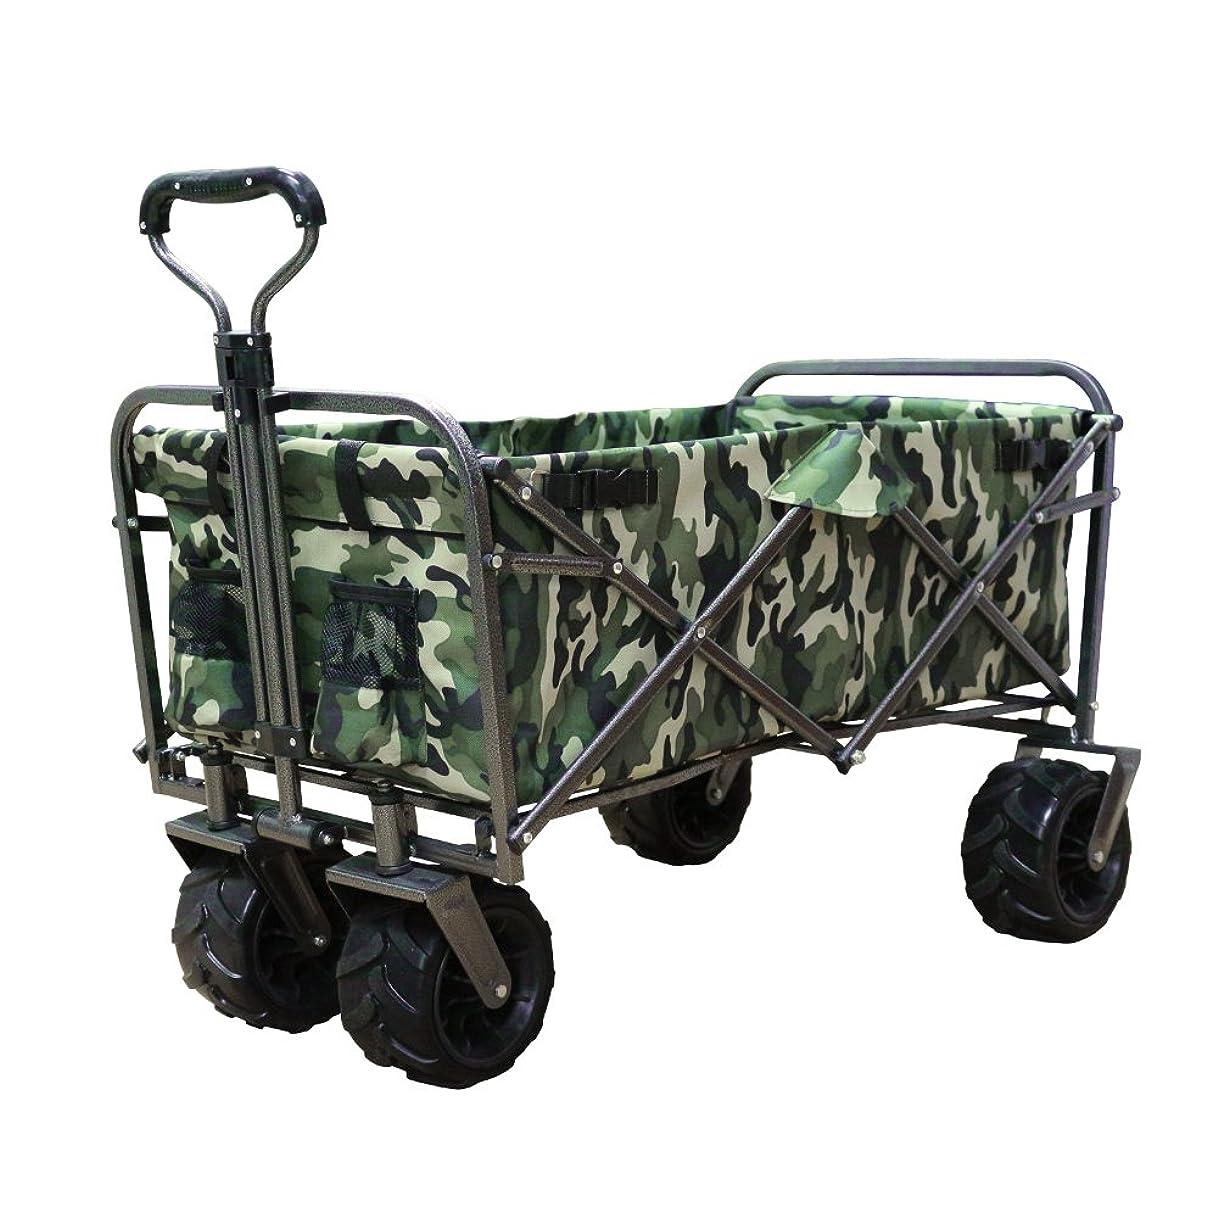 伝える食べるモジュールDABADA(ダバダ) キャリーカート 耐荷重150kg 容量95L アウトドアワゴン 折りたたみ 軽量 大型タイヤ 4輪